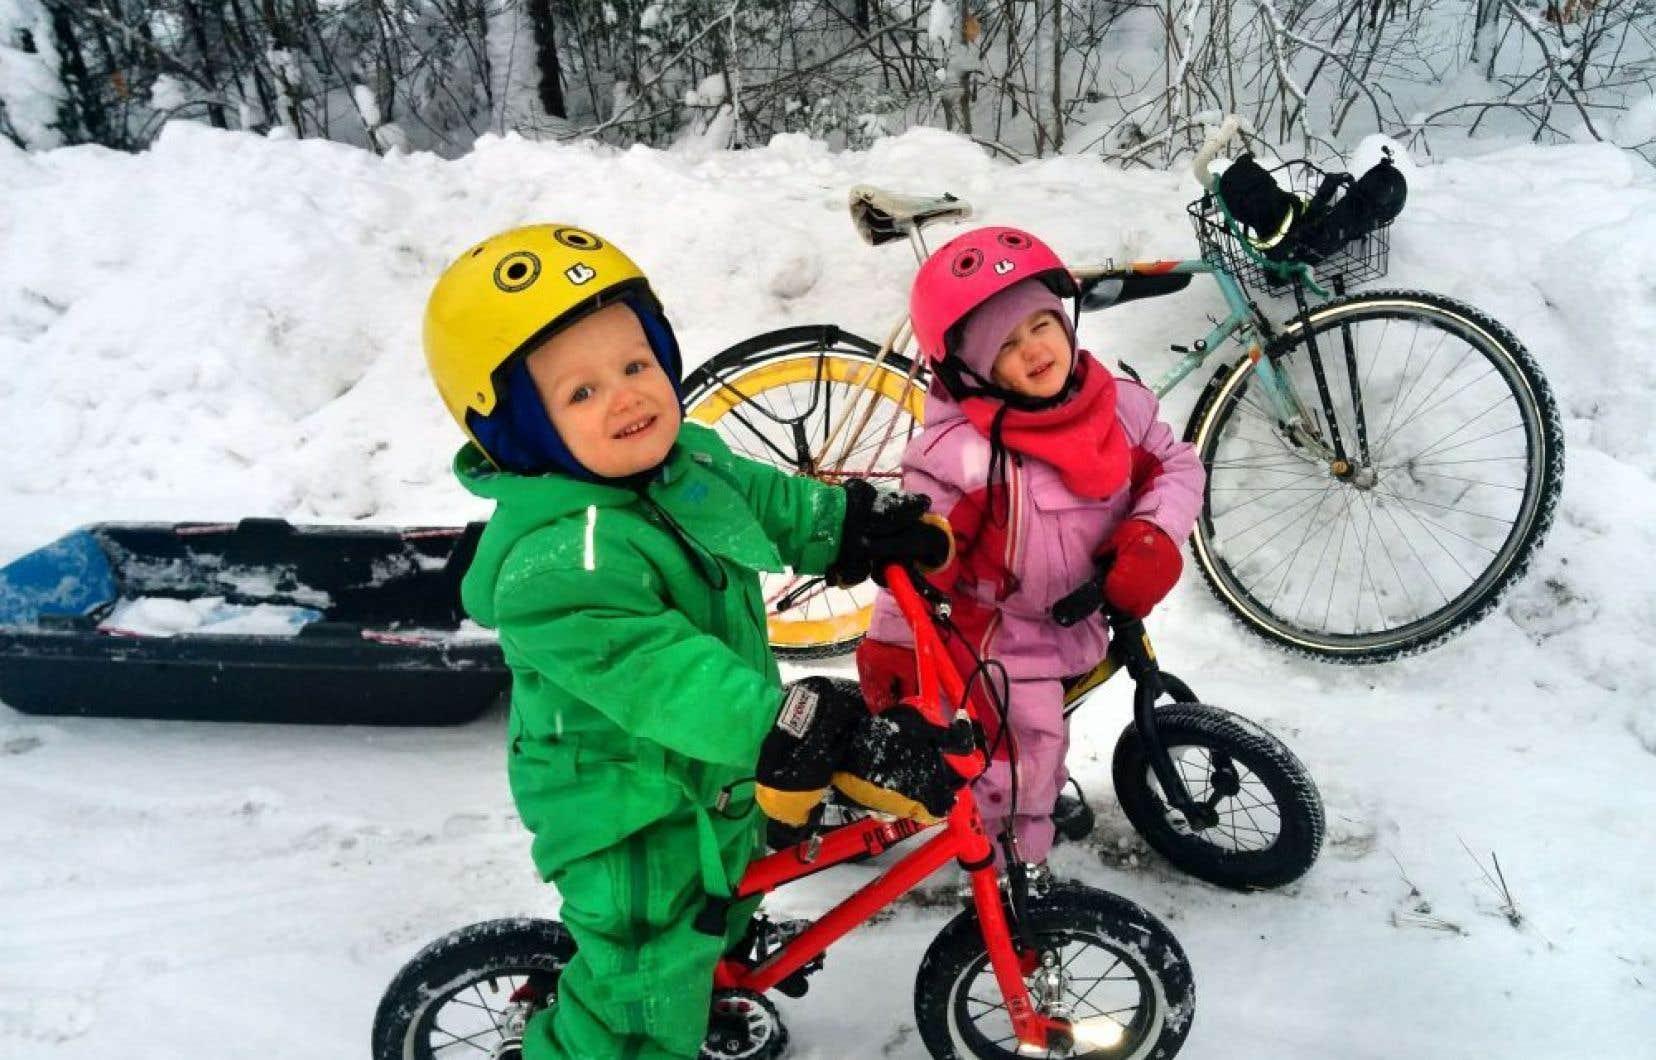 Léonard (4ans) et Zoralie (2ans) ont suivi l'exemple de leur père, David Viens, et s'adonnent désormais au vélo d'hiver.